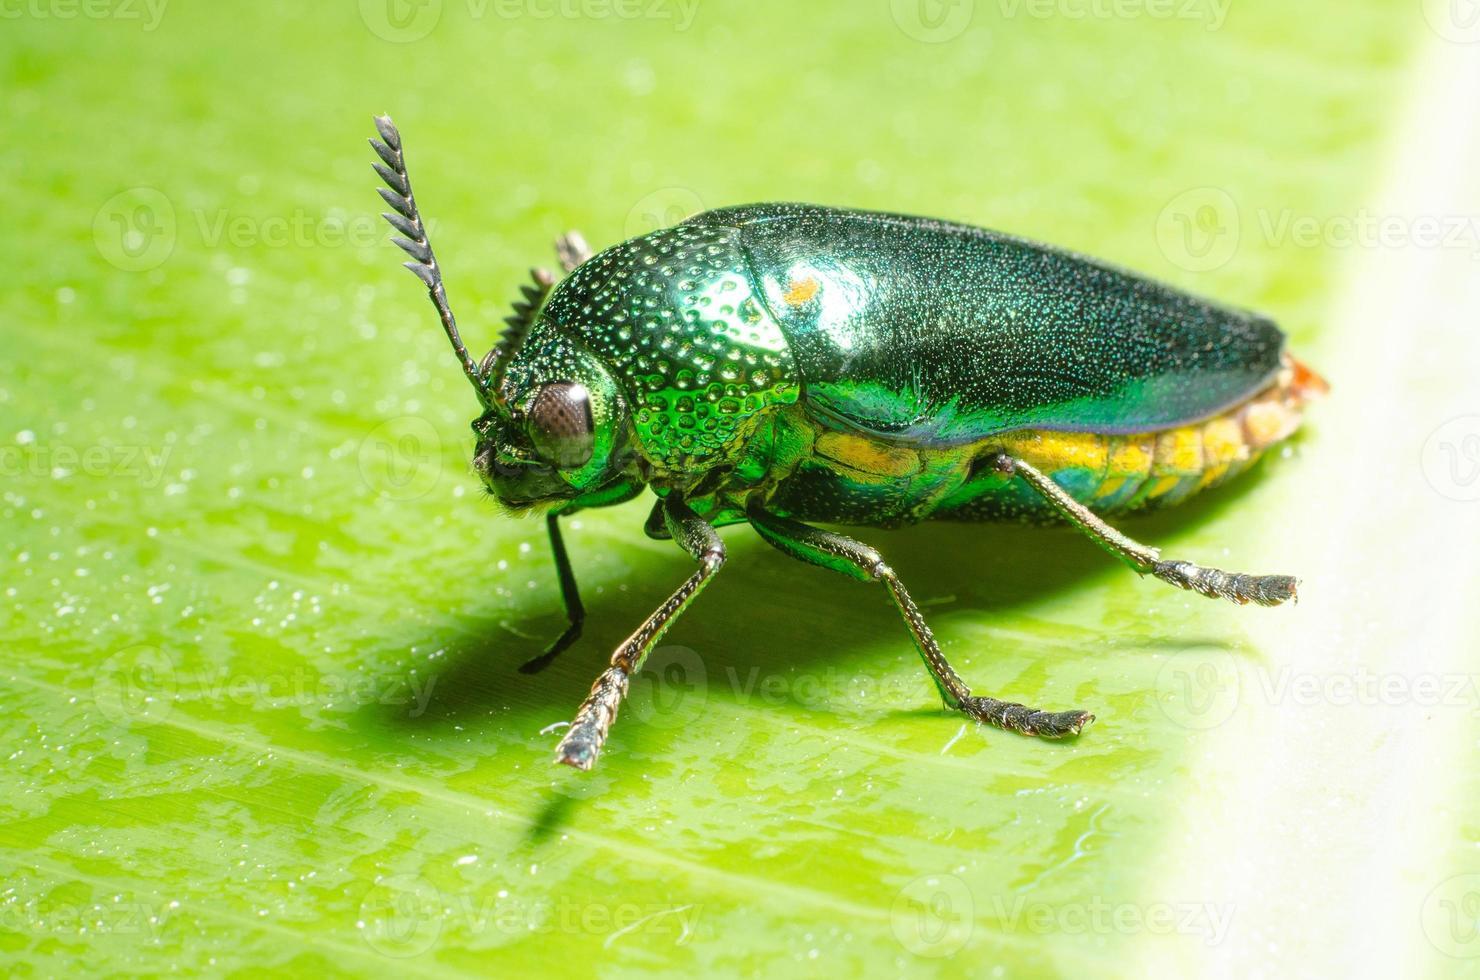 hermosa joya escarabajo o metalizado de madera (buprestid) en hoja verde. foto